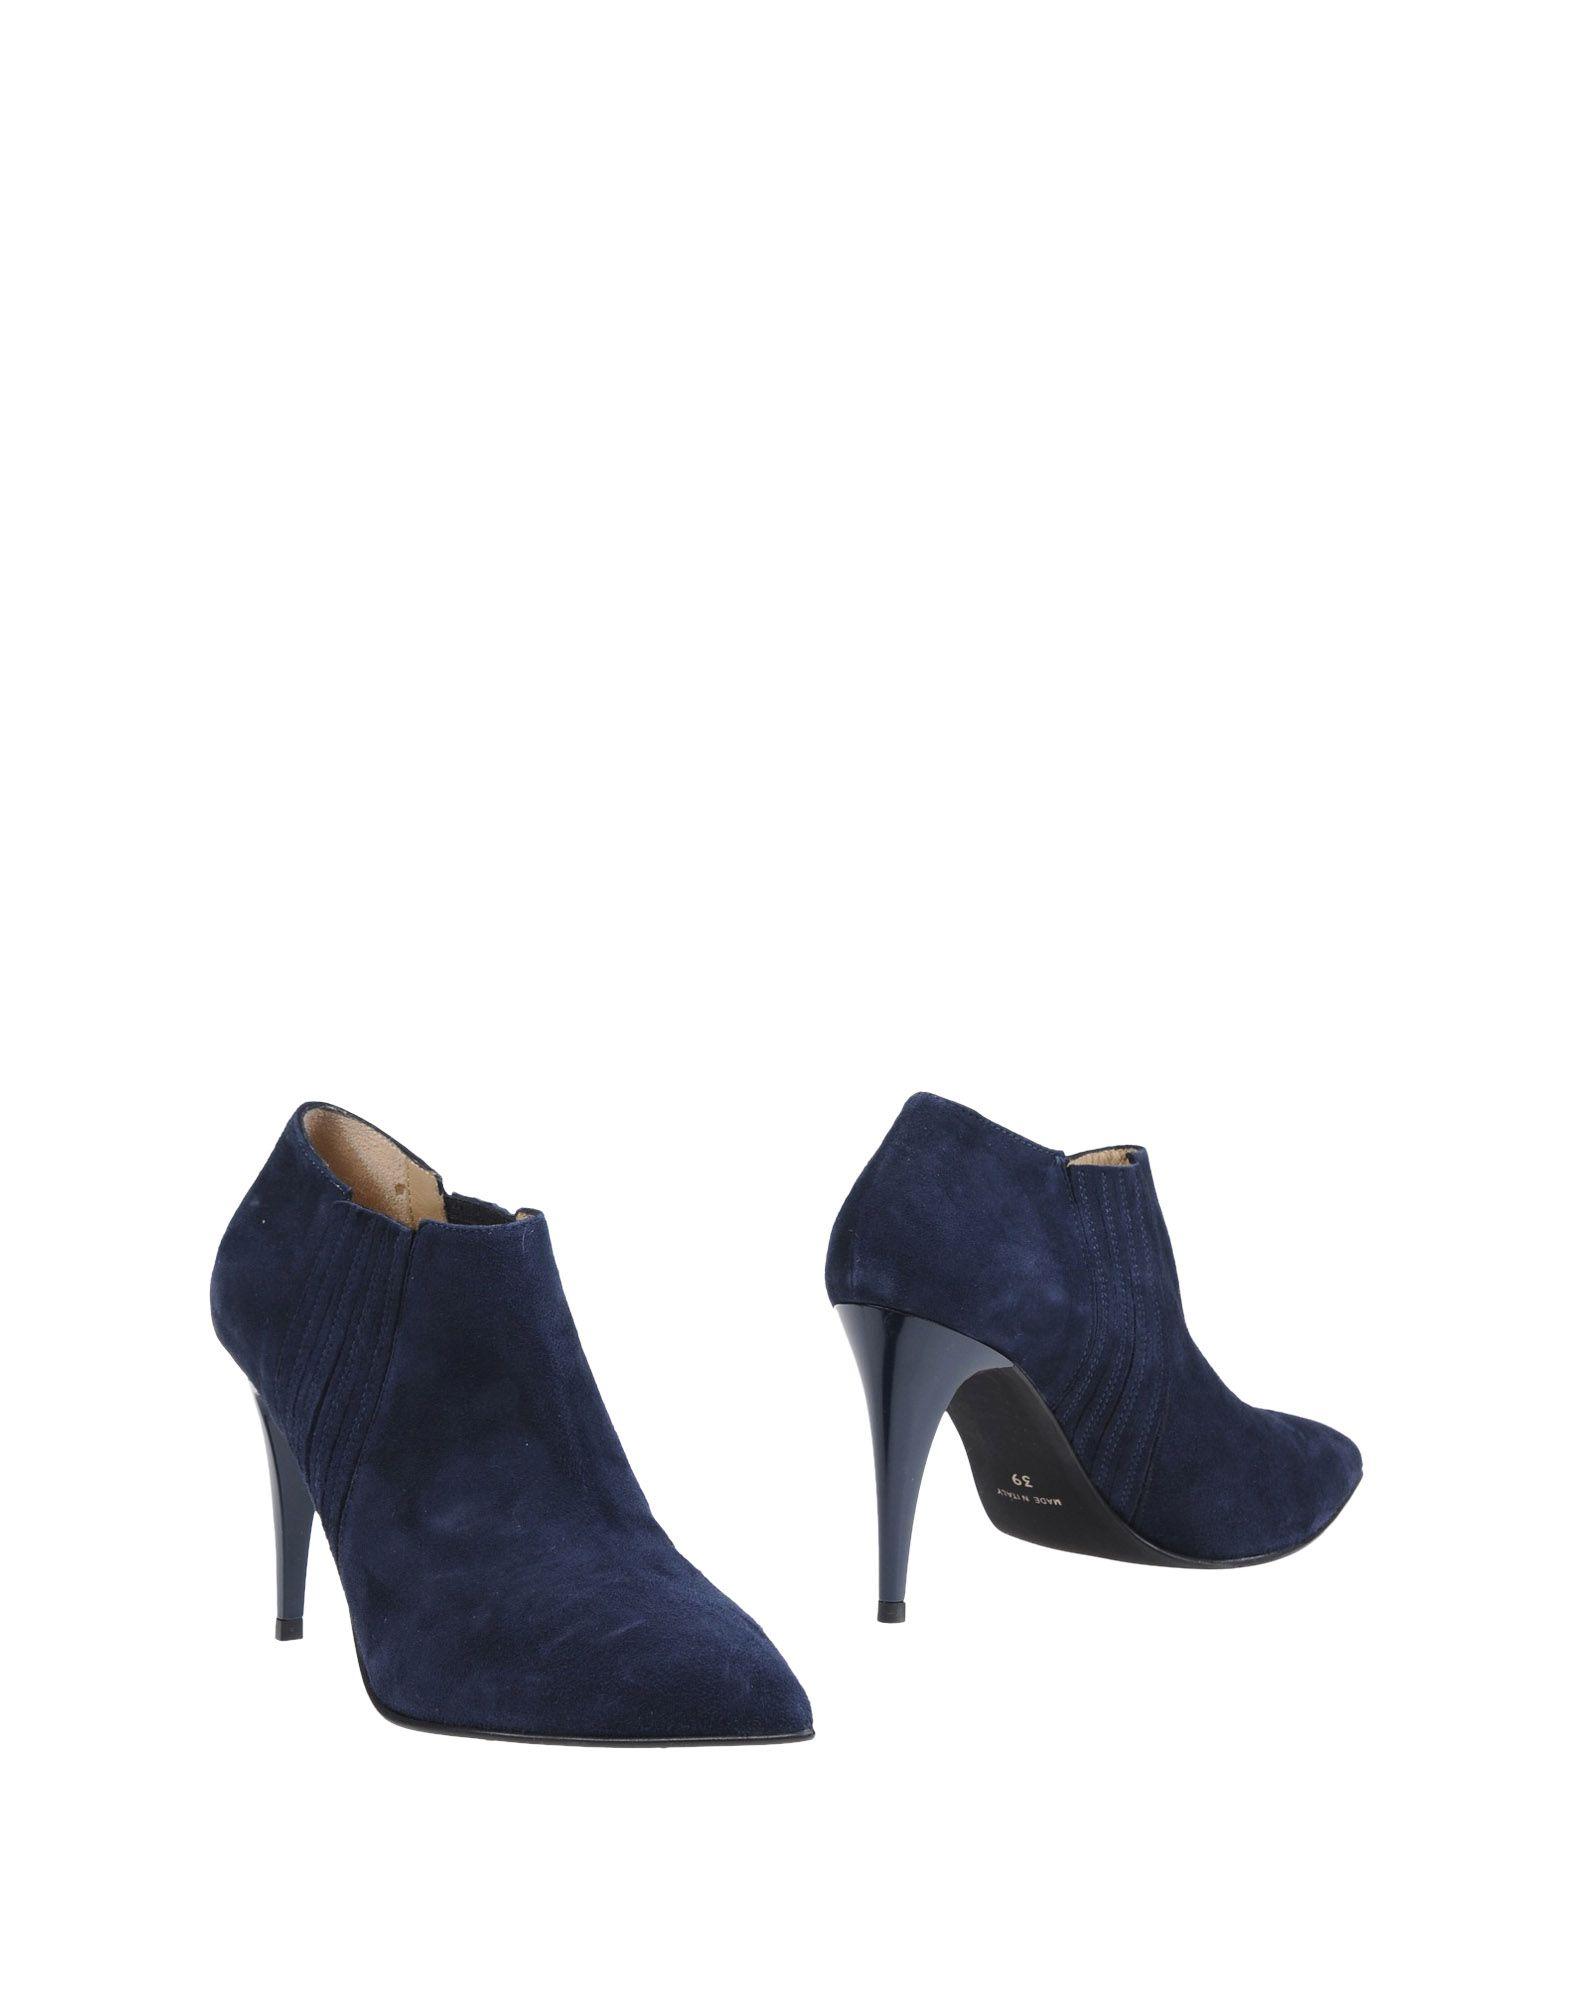 Stele Stiefelette Damen  11223756XO Gute Qualität beliebte Schuhe